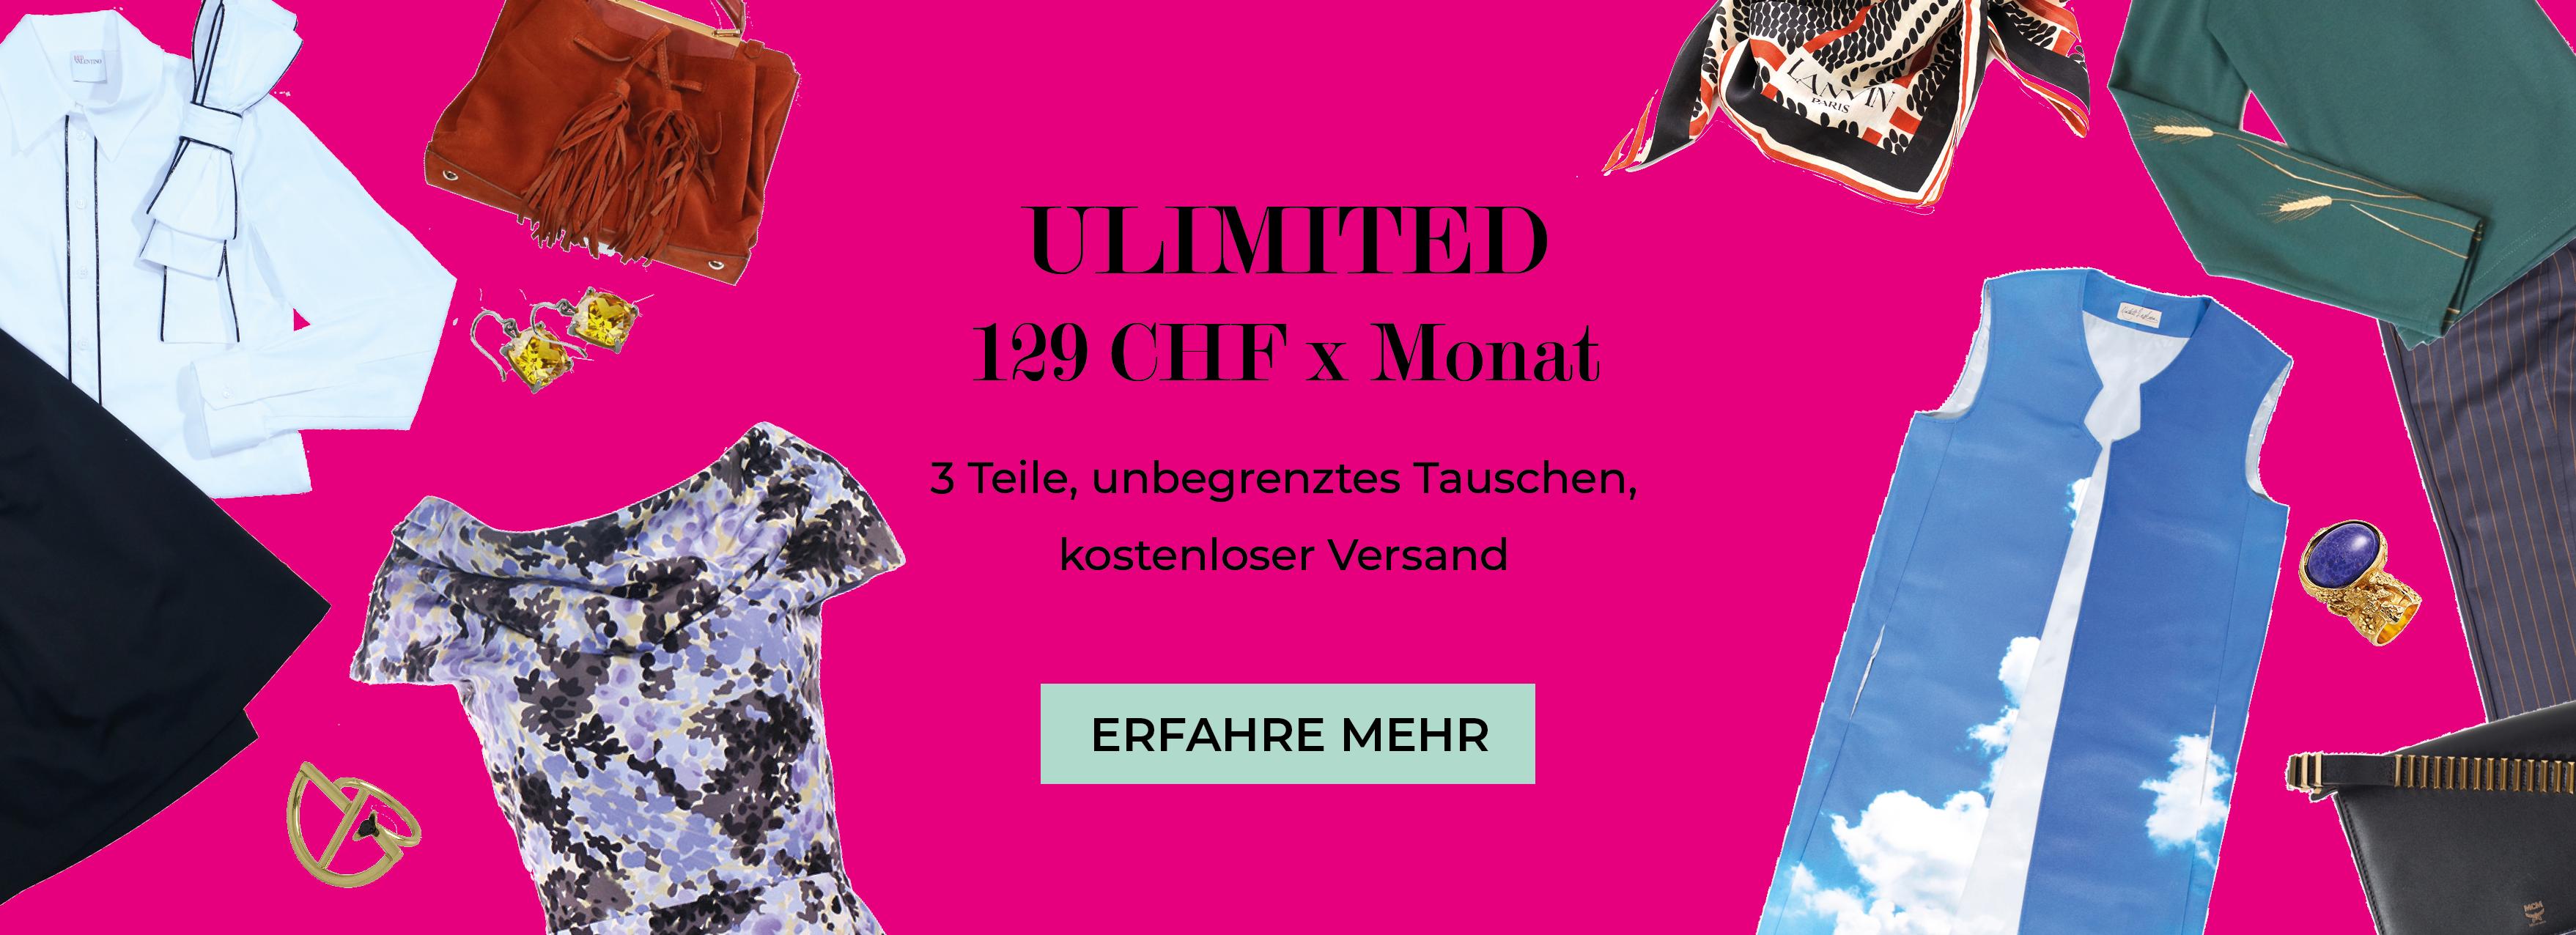 banner_unlimited_ger.